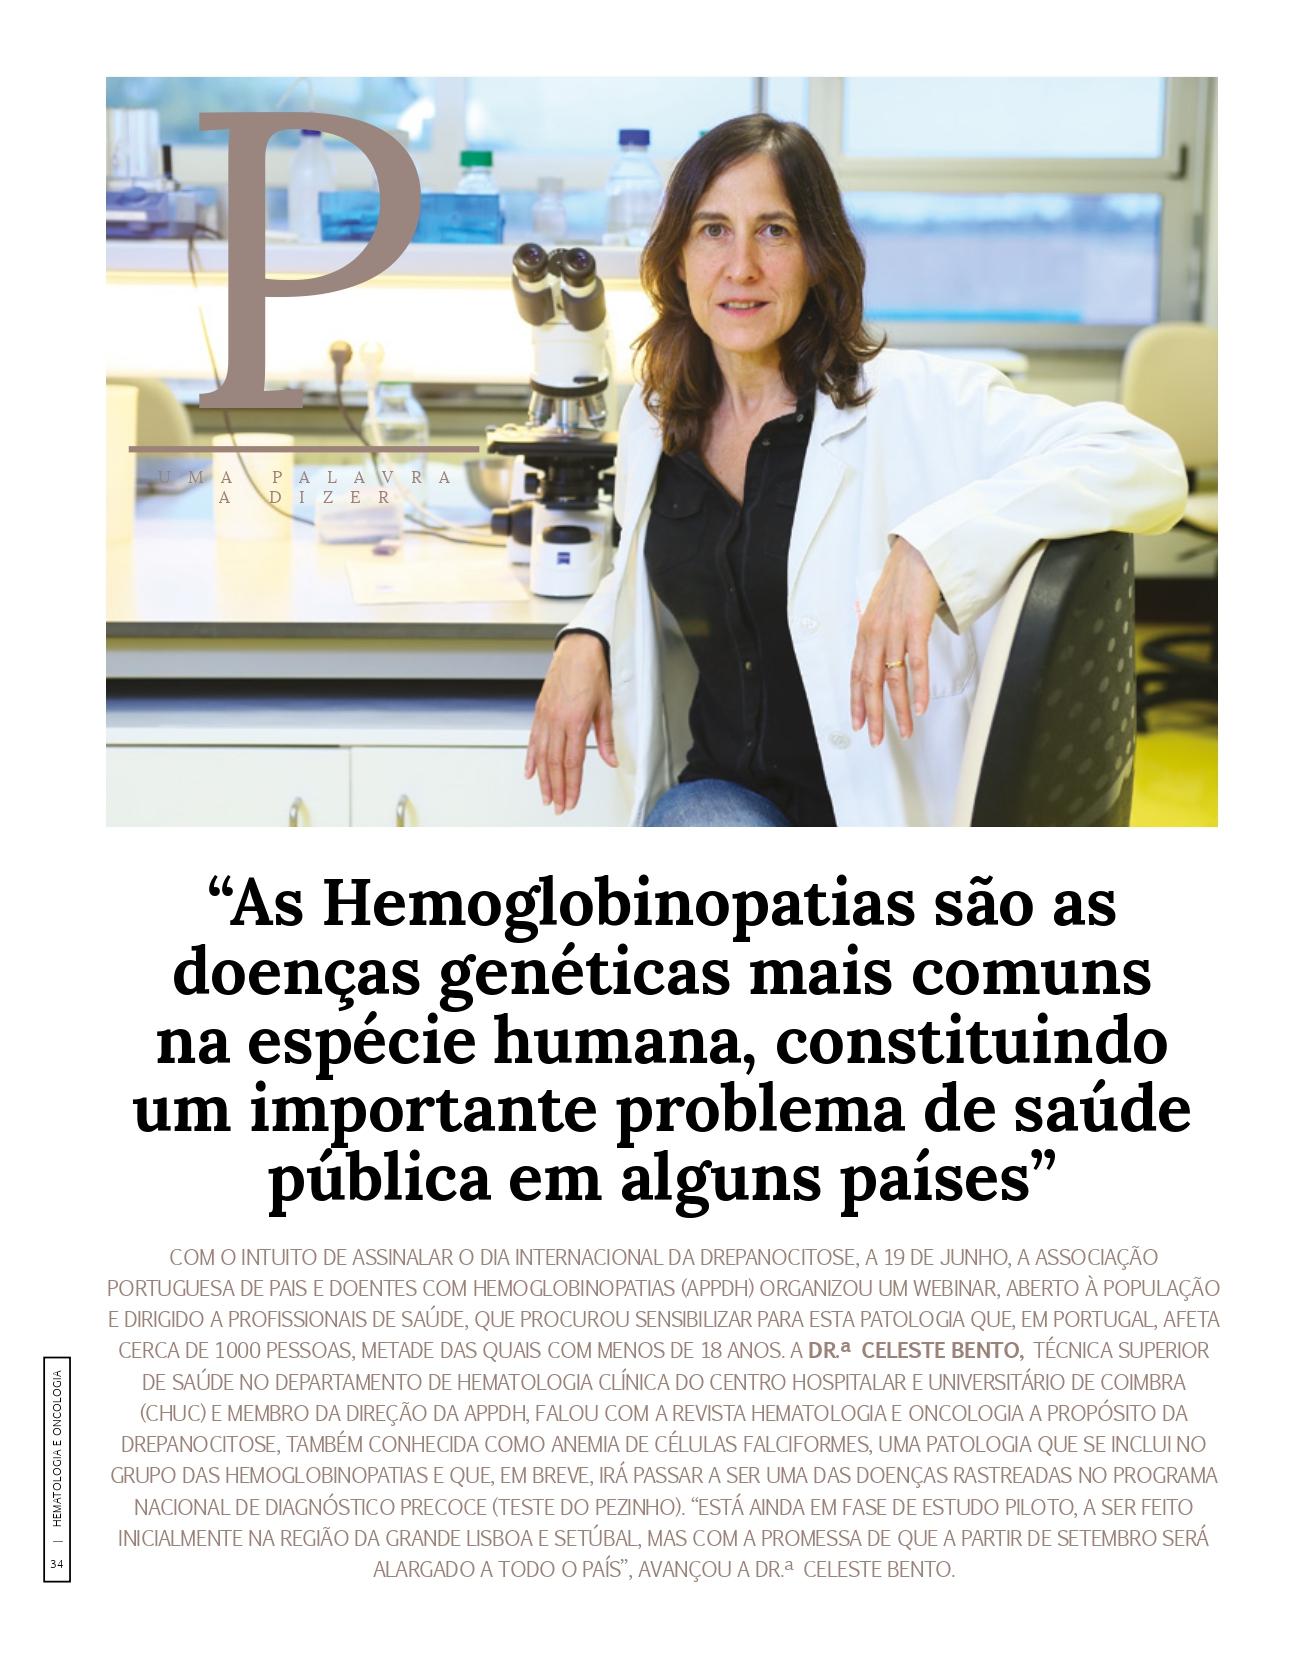 Revista Hematologia Oncologia - Entrevista à Dr.ª Celeste Bento sobre as Hemoglobinopatias